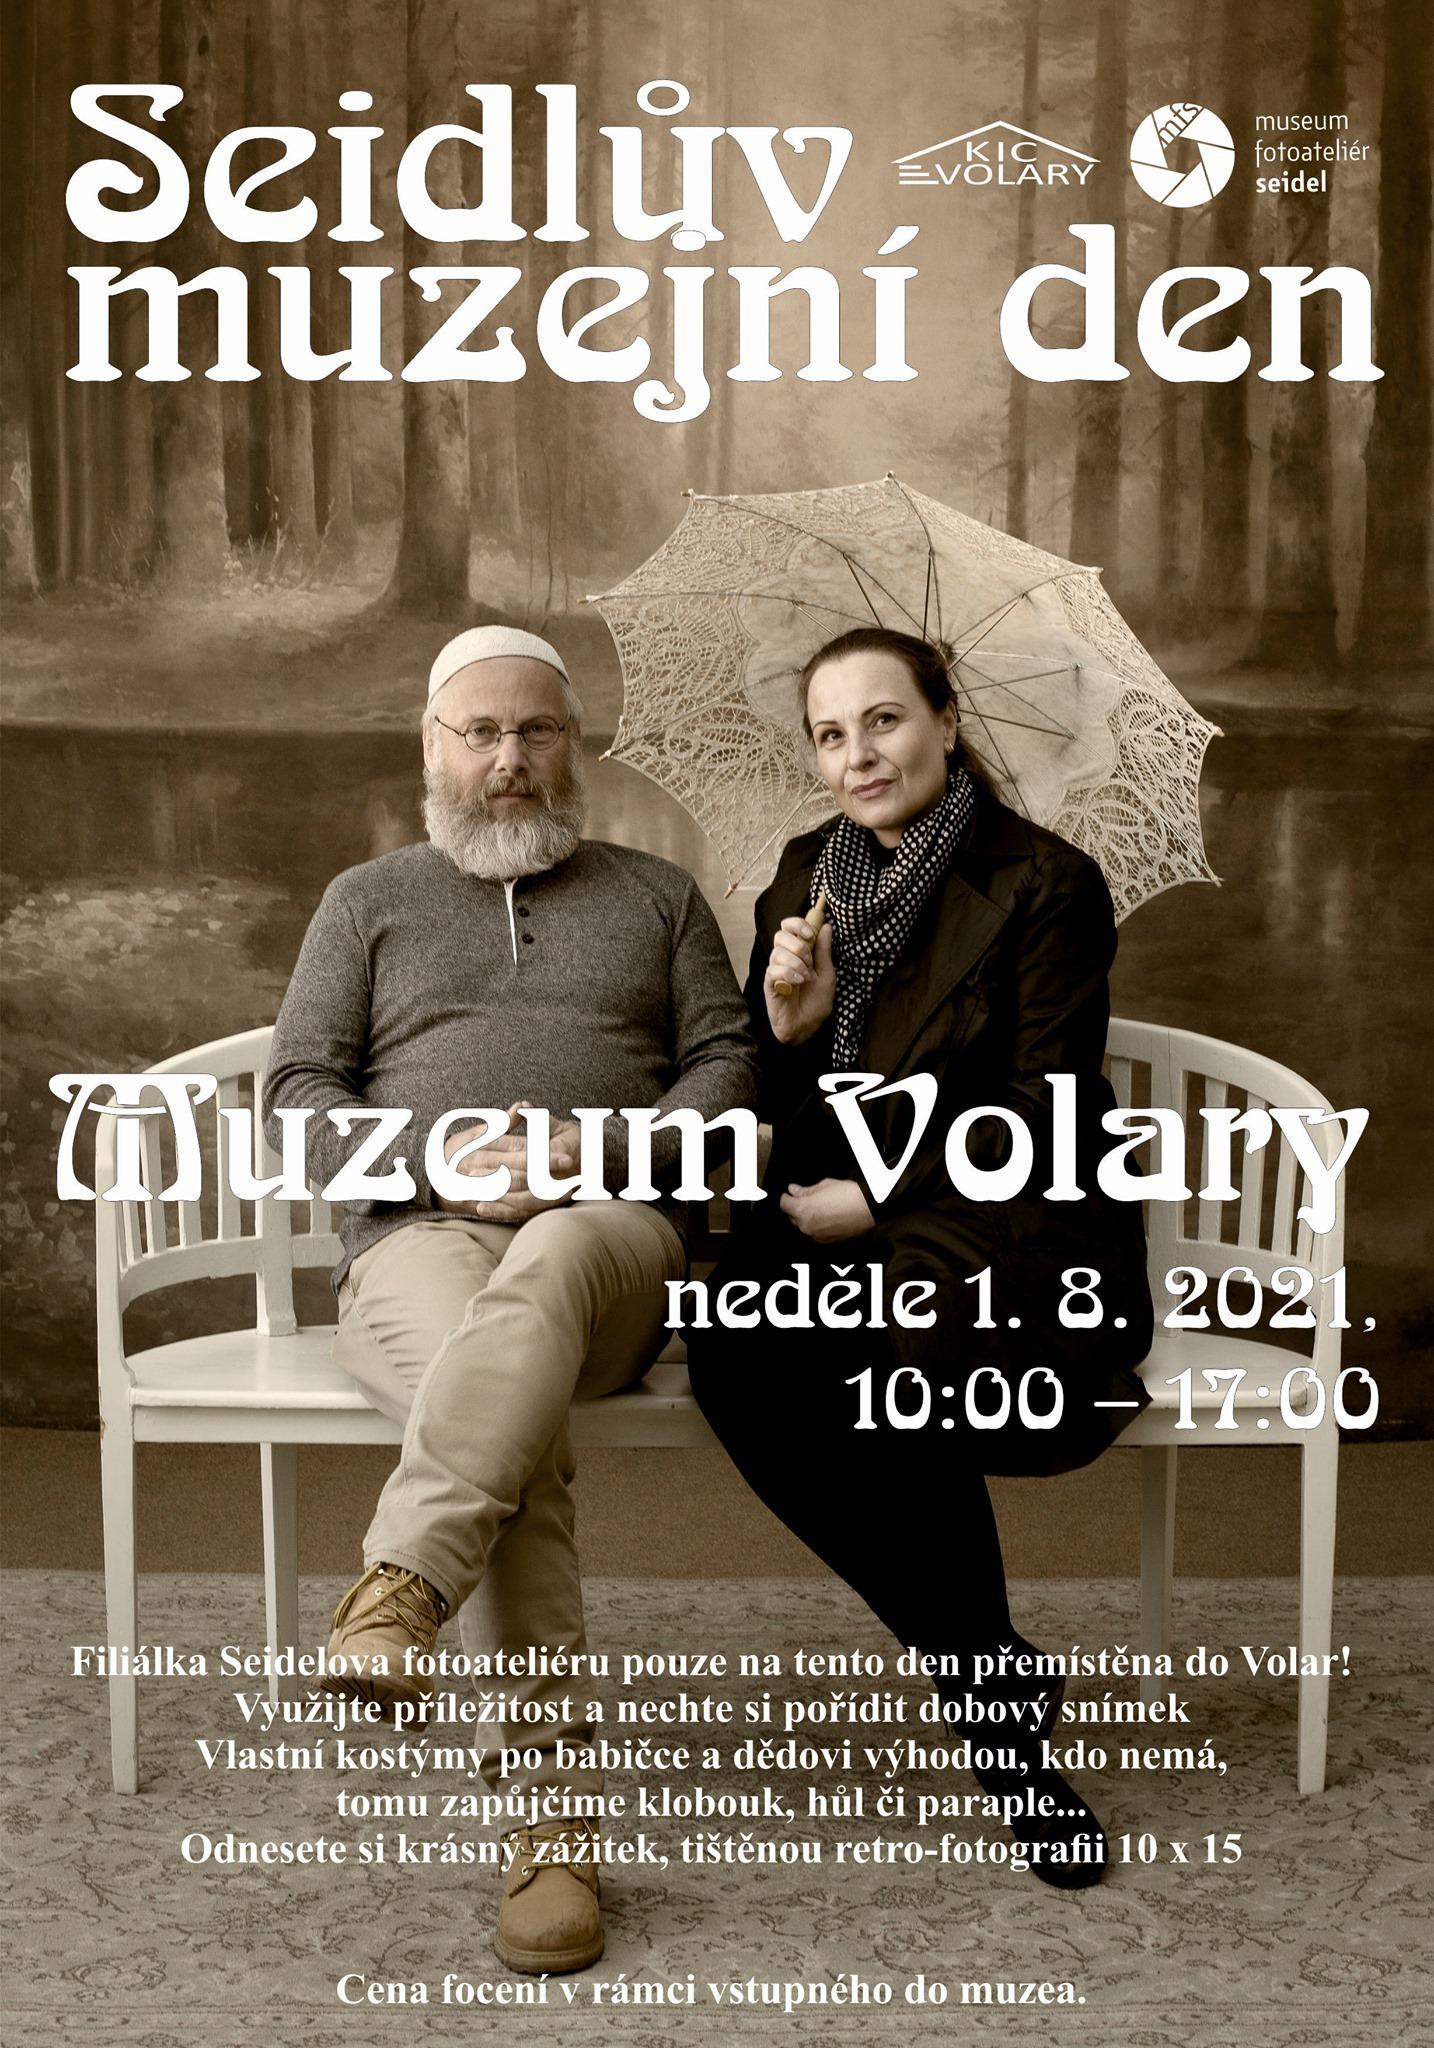 Seidlův muzejní den